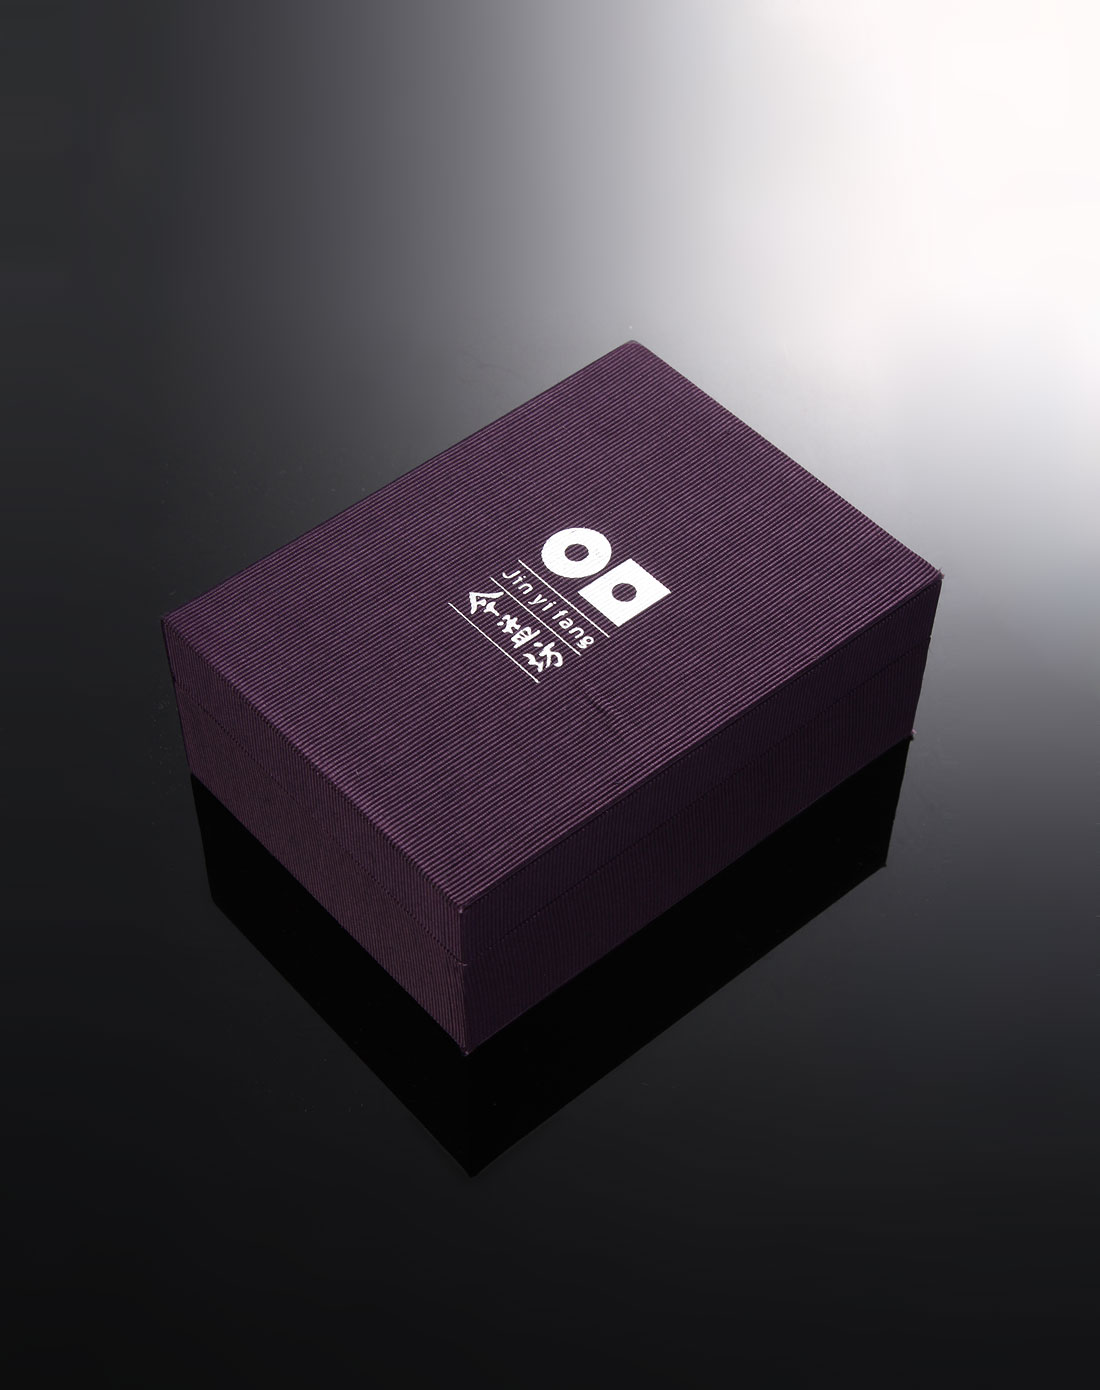 包装 包装设计 设计 1100_1390 竖版 竖屏